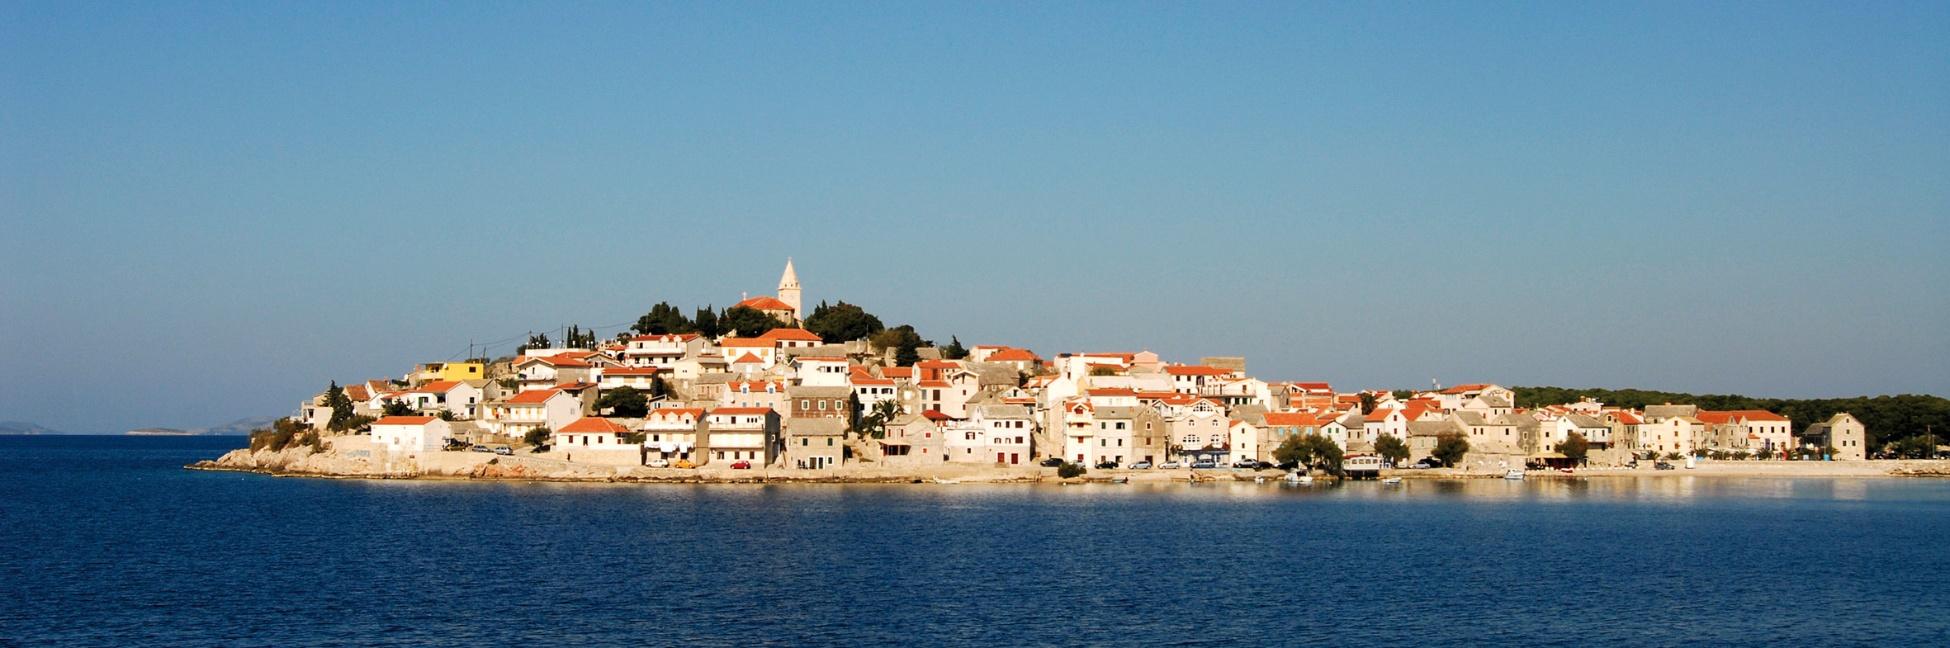 Baie de Primosten en Croatie